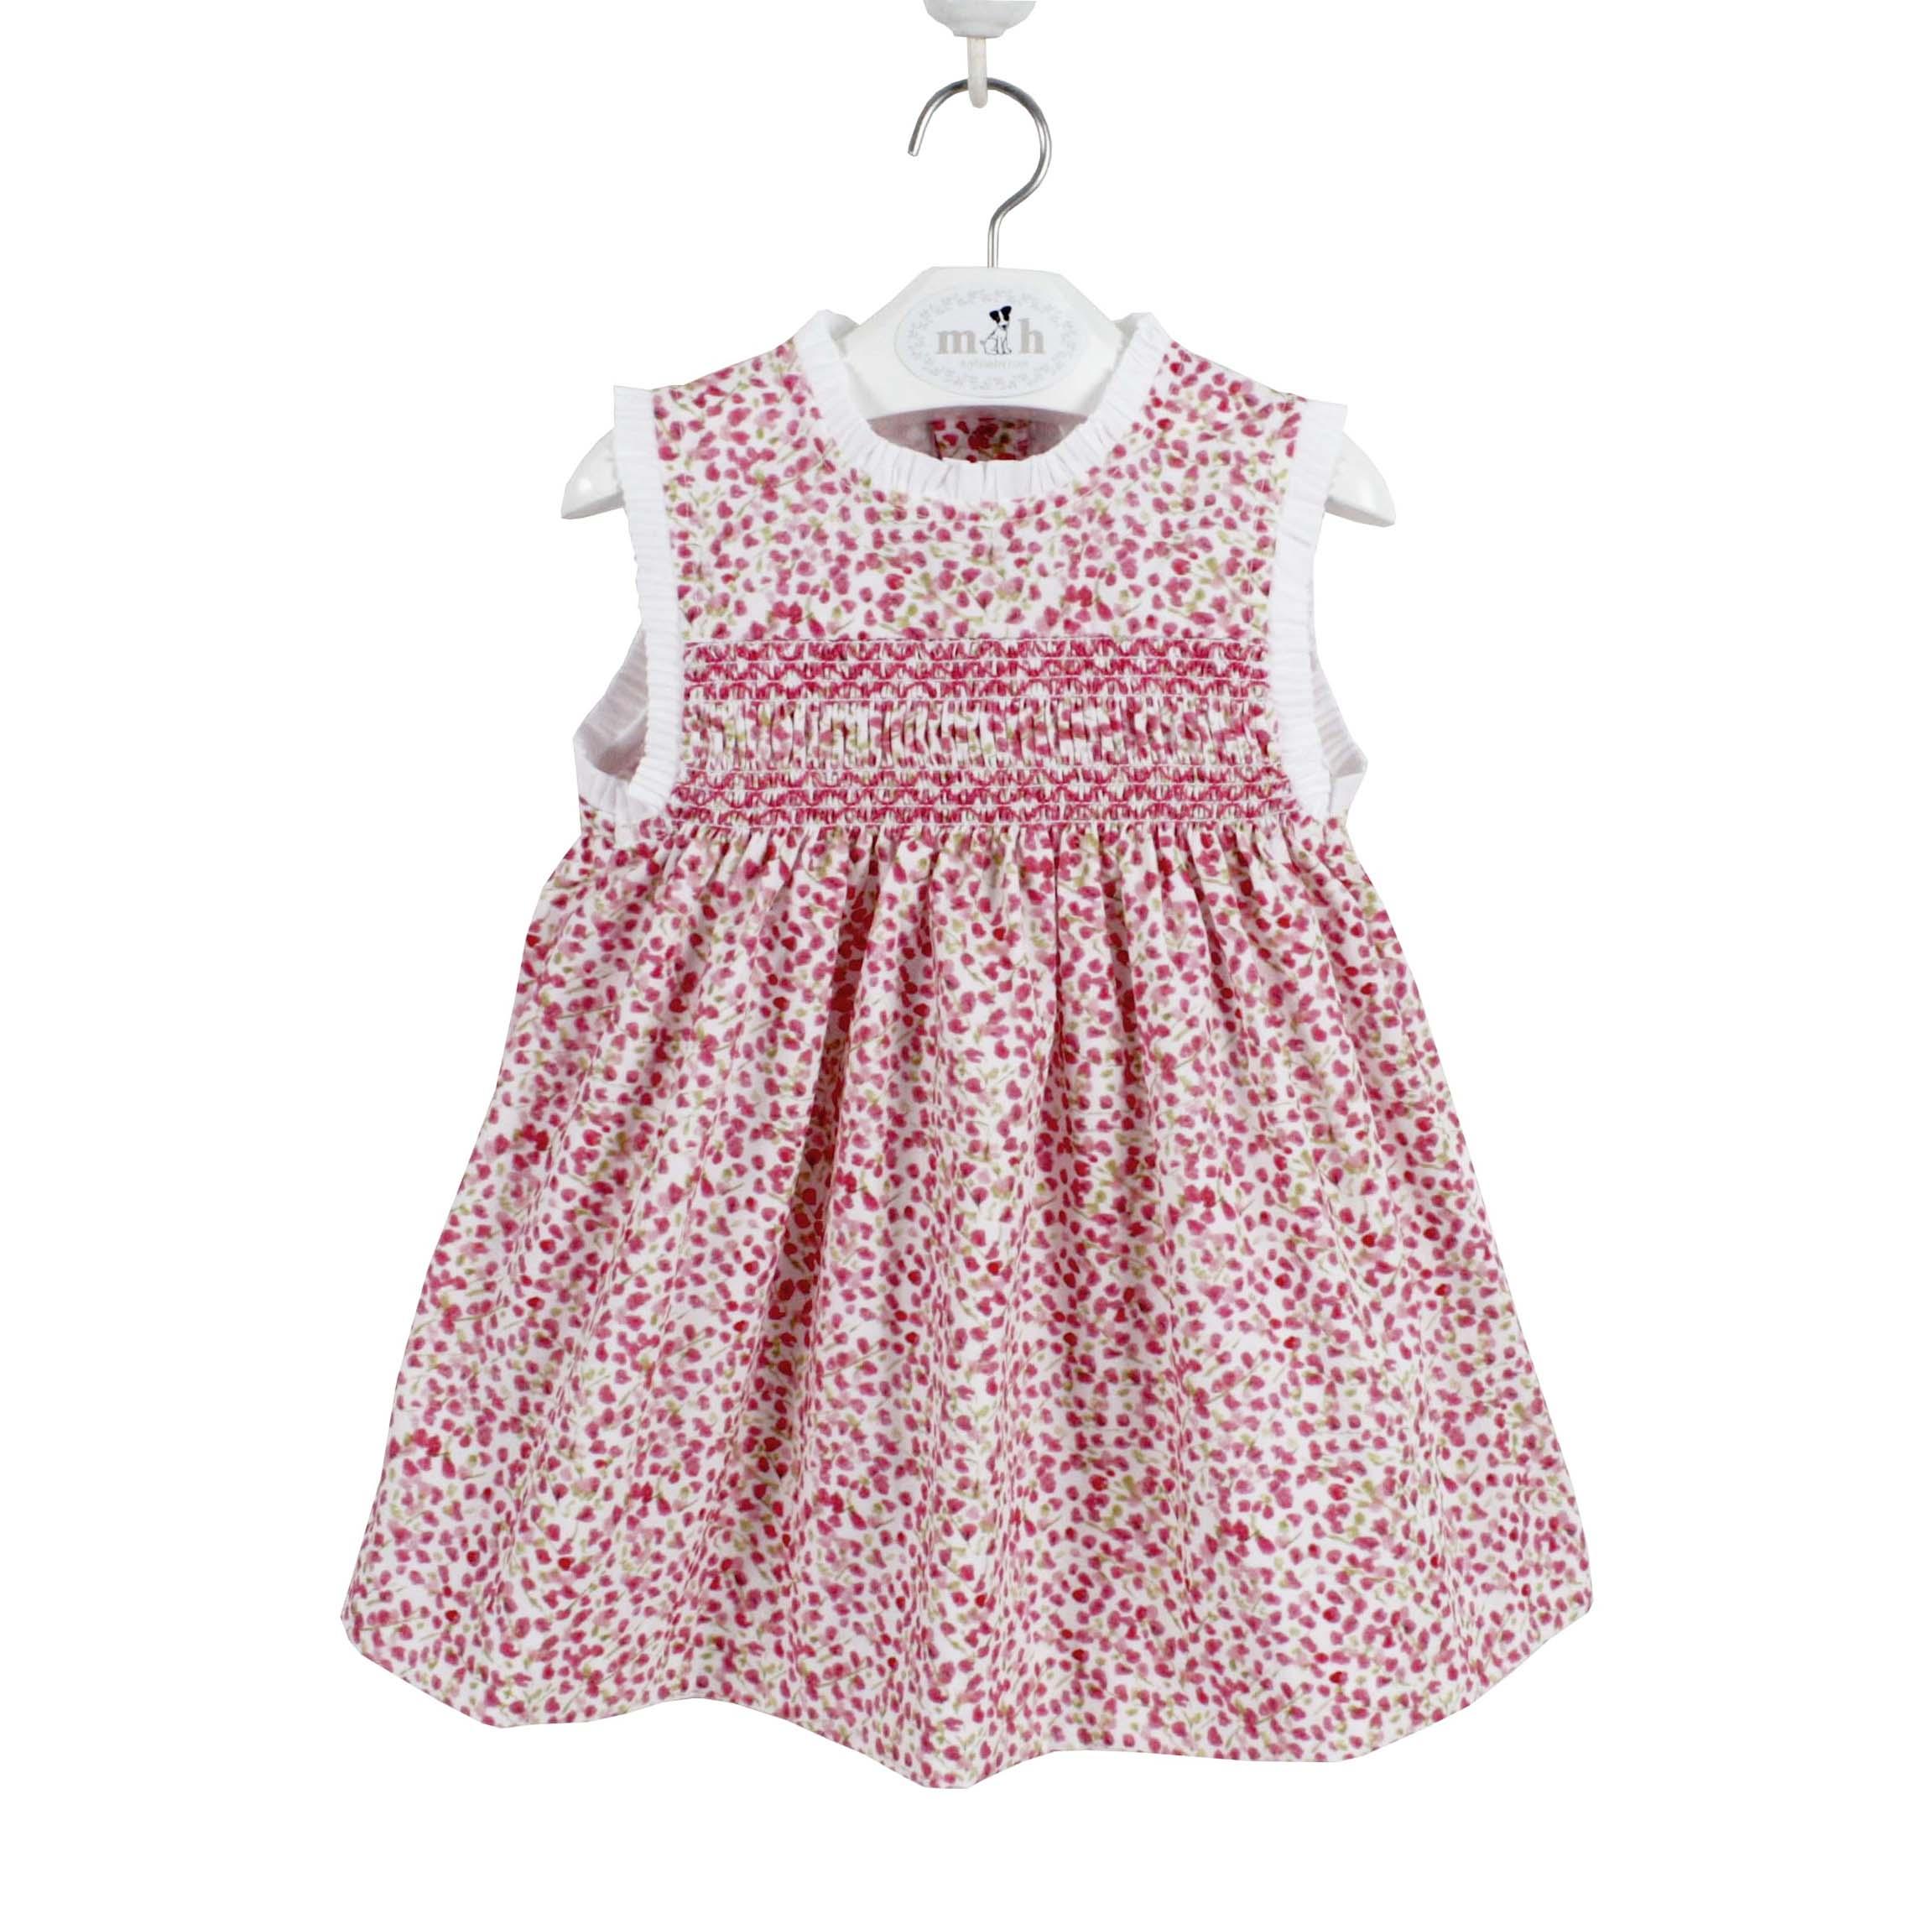 Vestido niña con smock estampado ramas rosa y verde. Modelo Marta